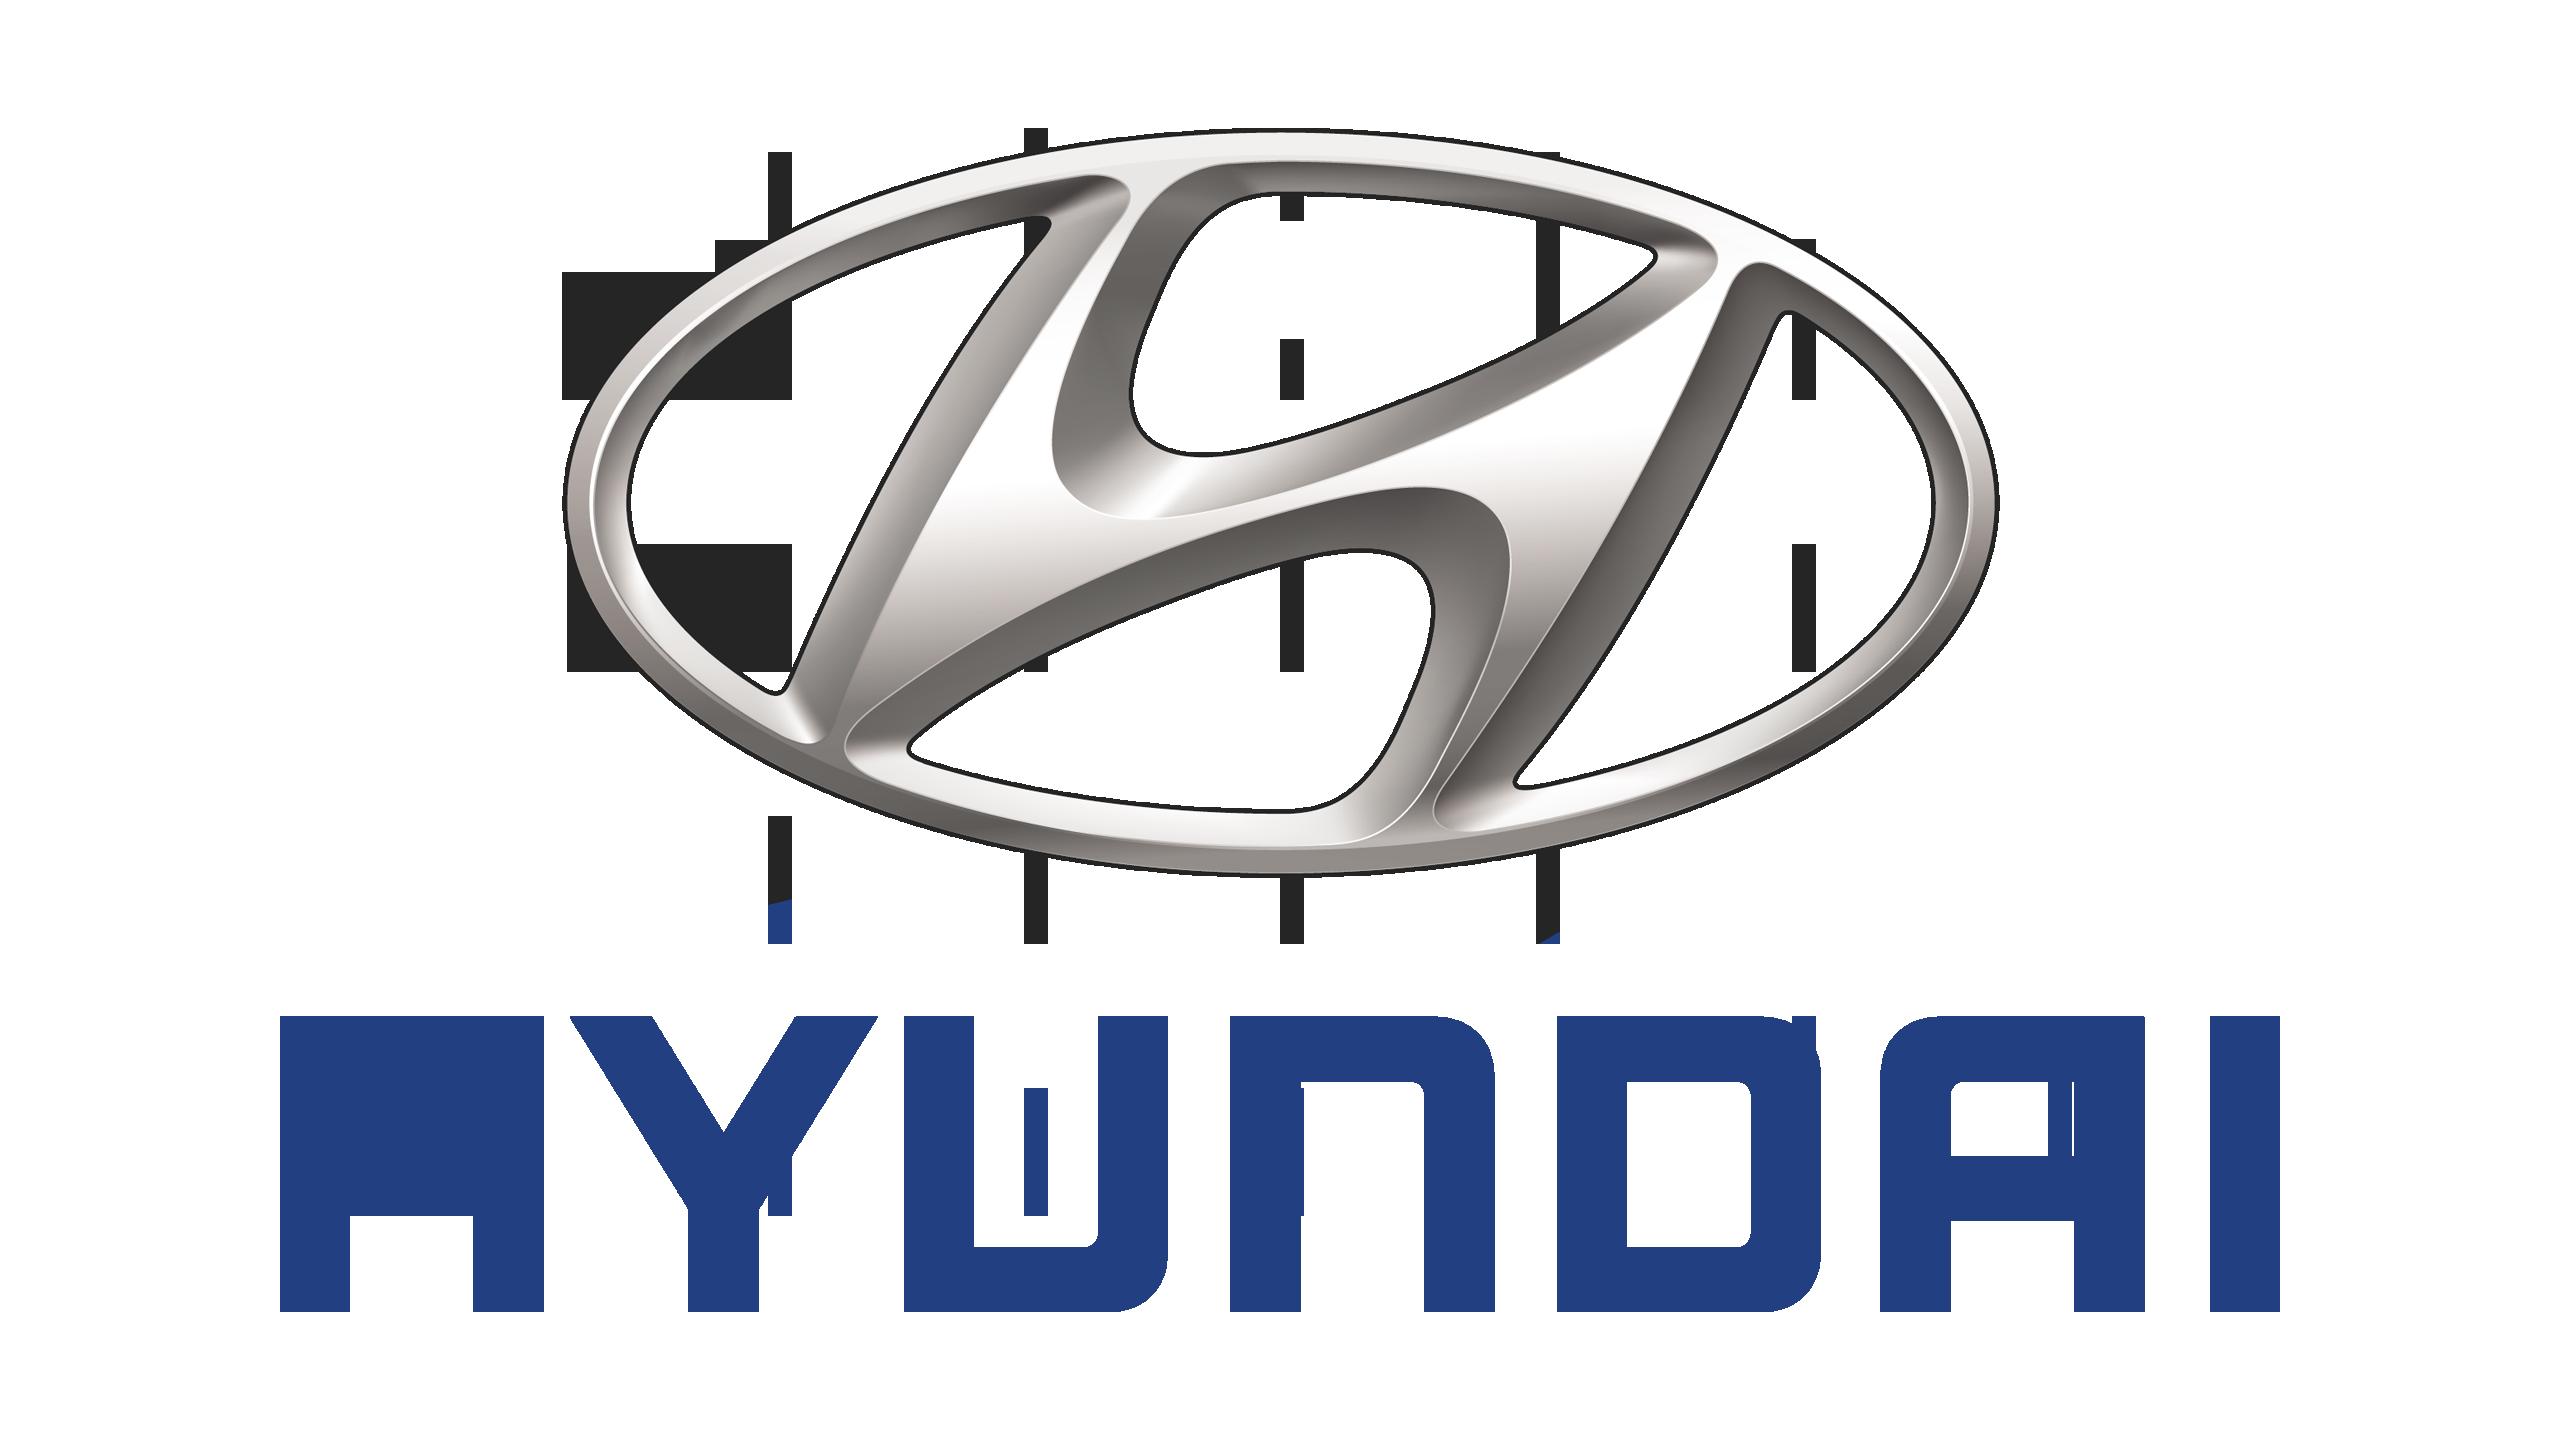 Window Stickers How To Get A Hyundai Window Sticker Wikilender